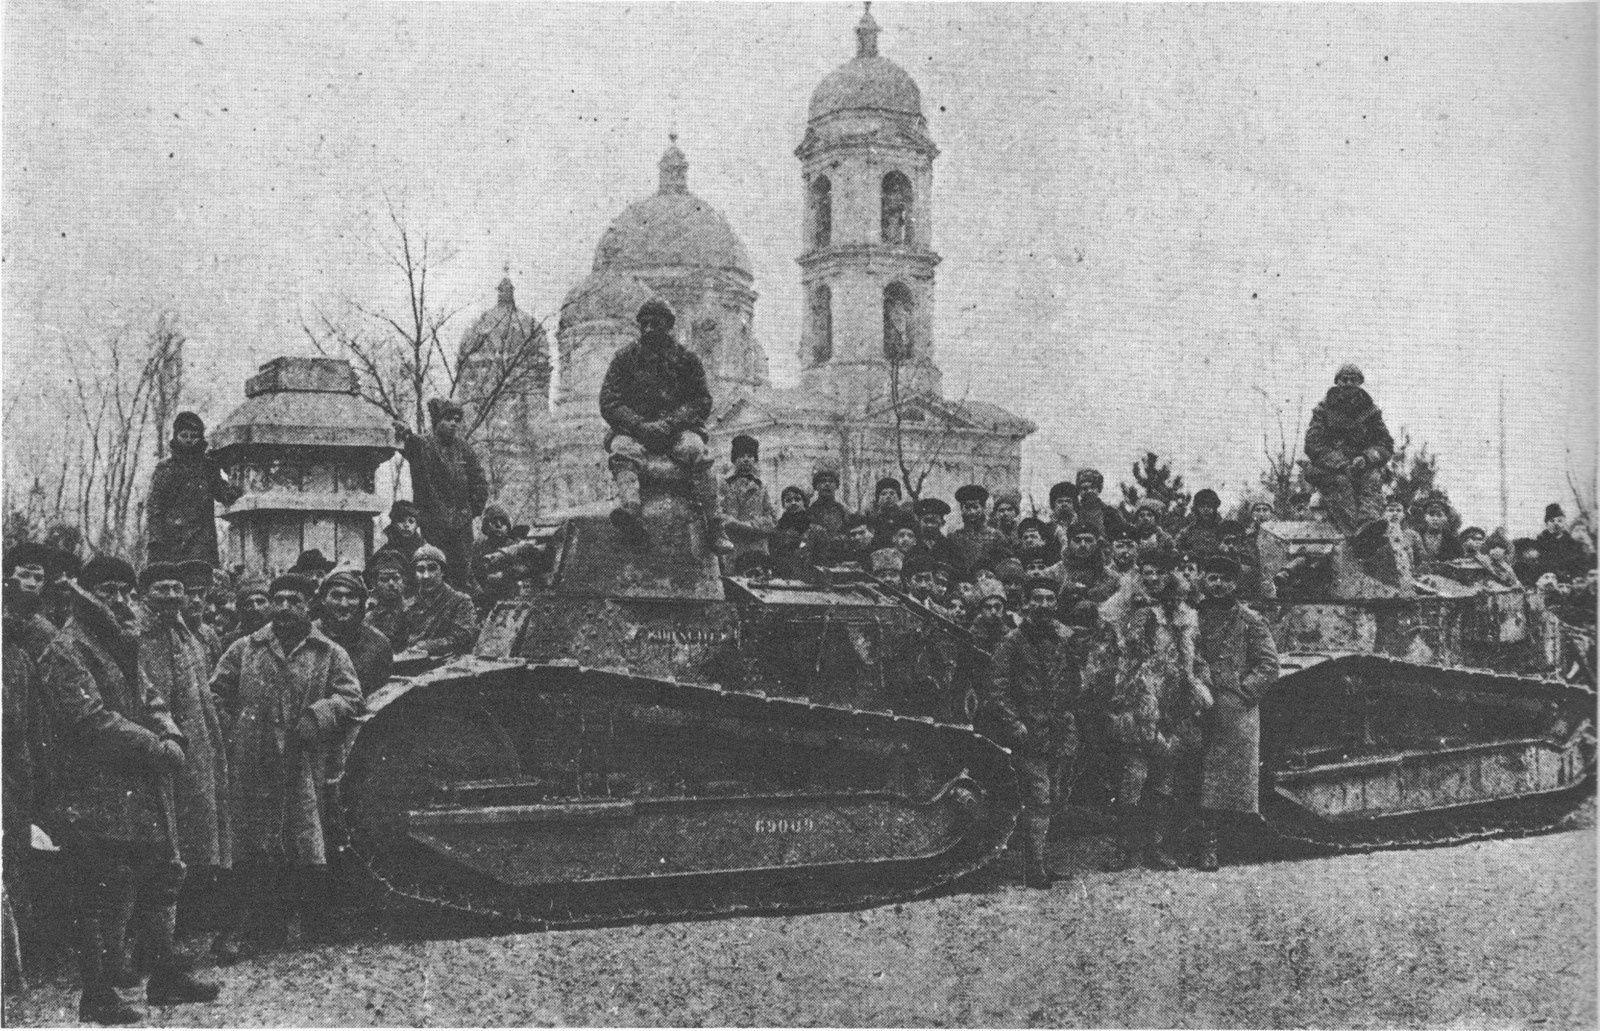 Chars français (Renault) à Odessa 1918-1919 (L Renault remettra le couvert avec les armées nazies 22 ans plus tard)